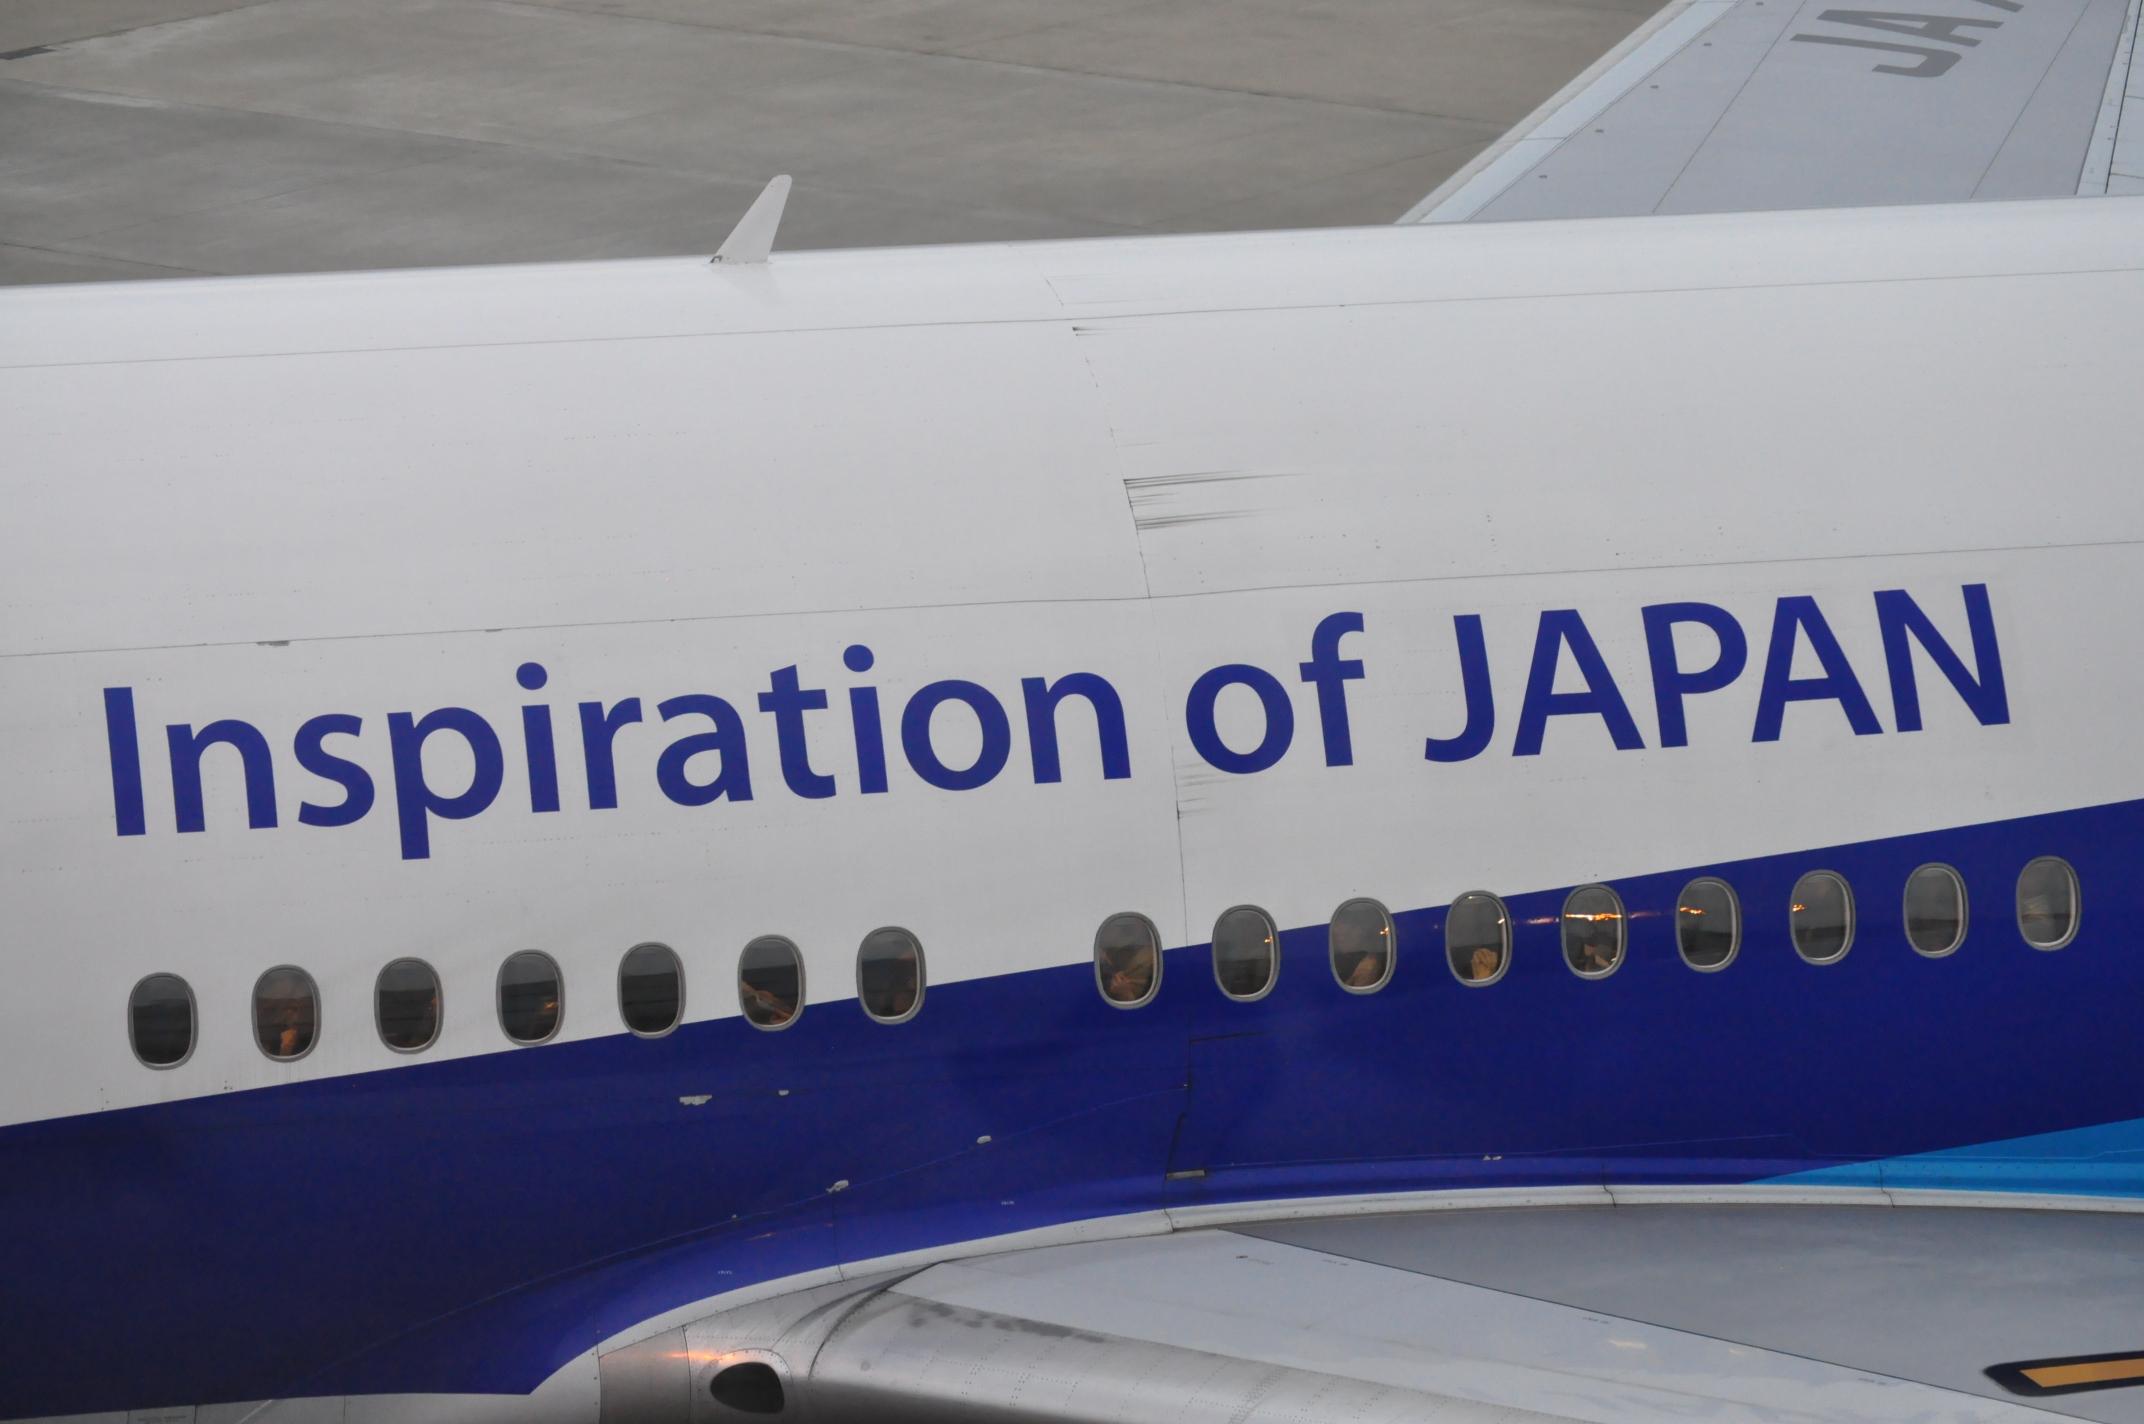 ファイル ana inspiration of japan myriad jpg wikipedia